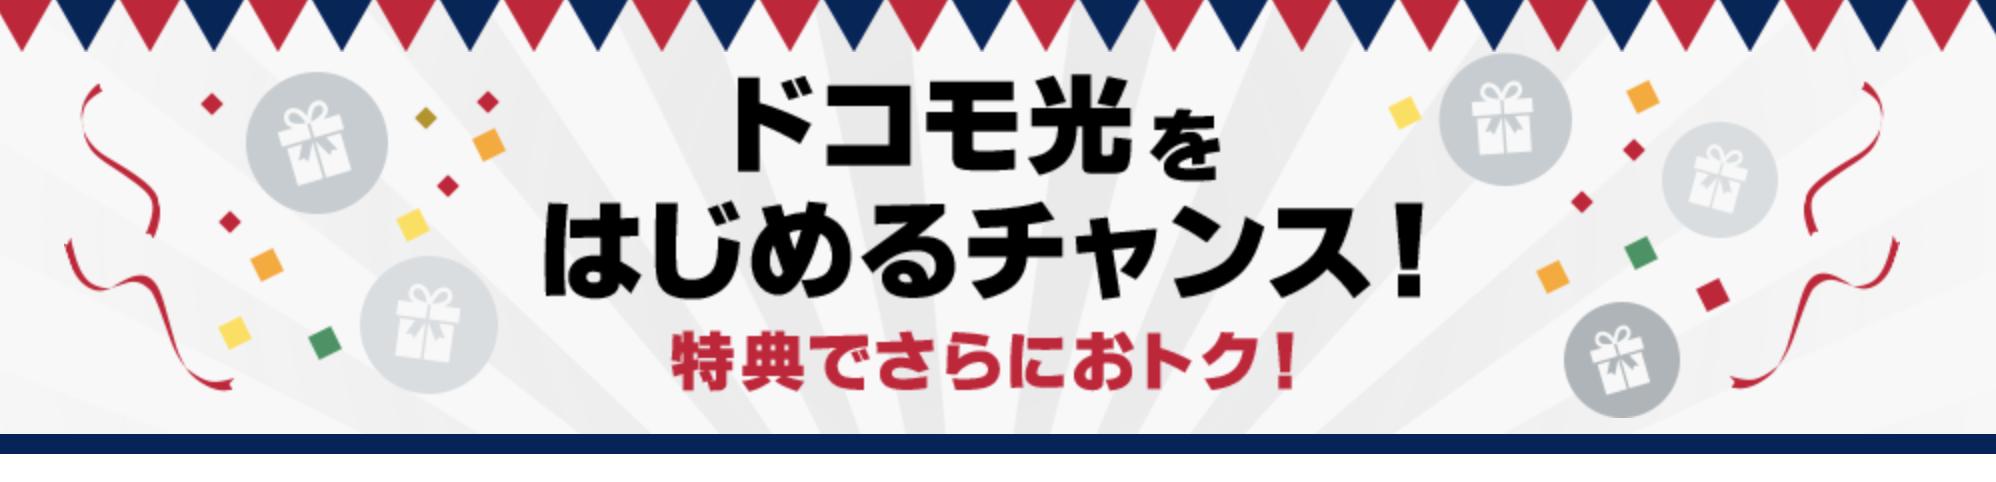 ドコモ光セット割で携帯料金を最大4万円安くする方法 家族でお得!